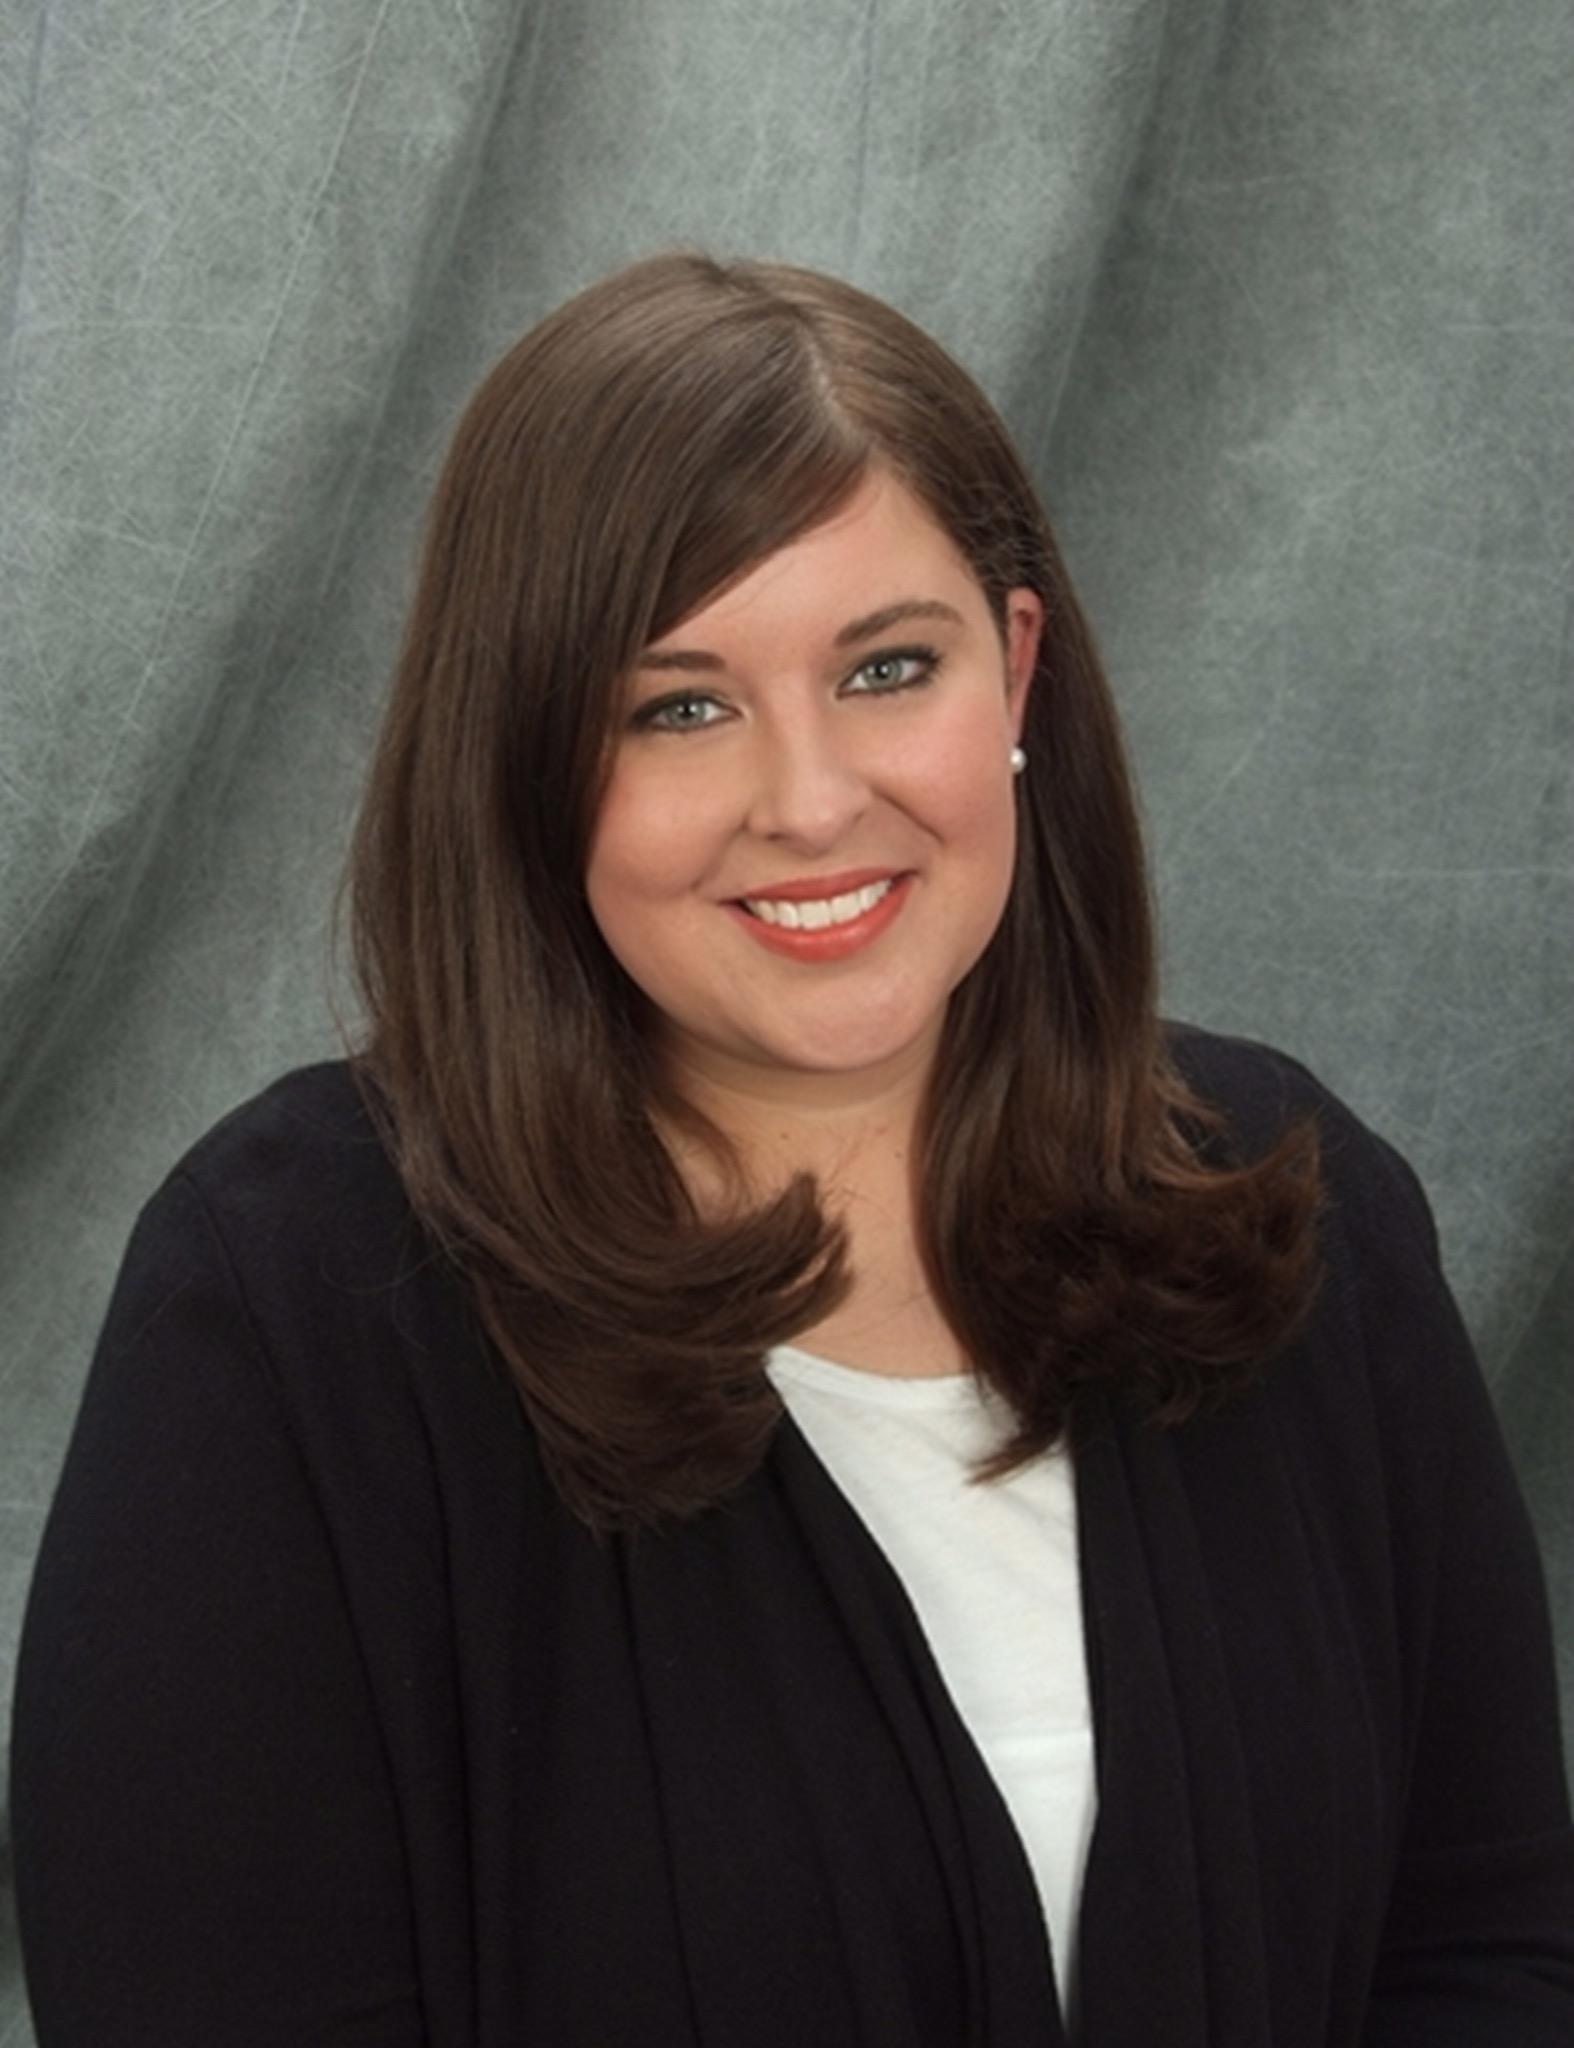 Patty Ann Bogue PhD